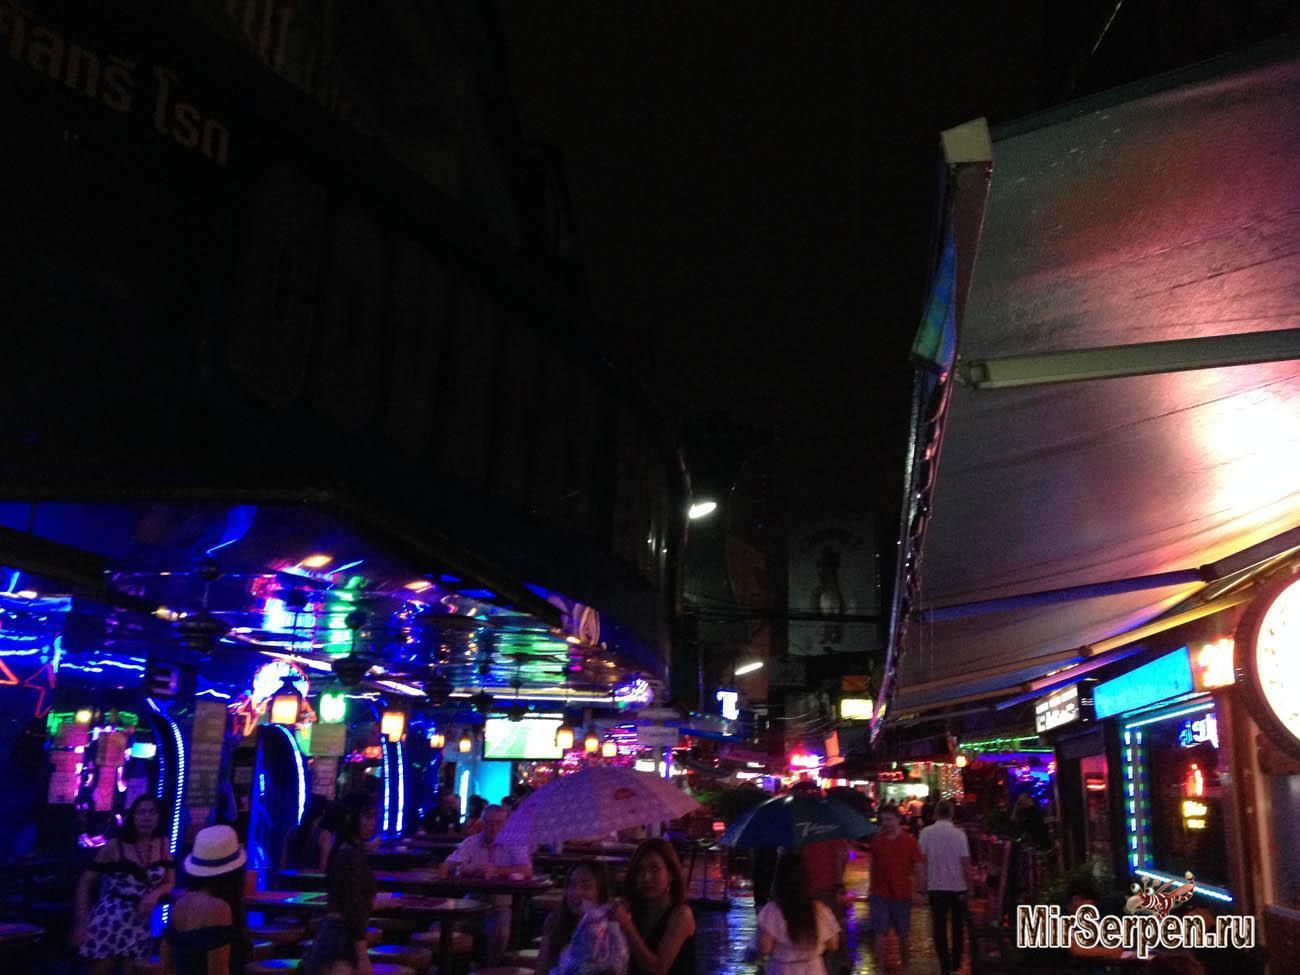 Soi Cowboy — улица «красных фонарей» №2 в Бангкоке